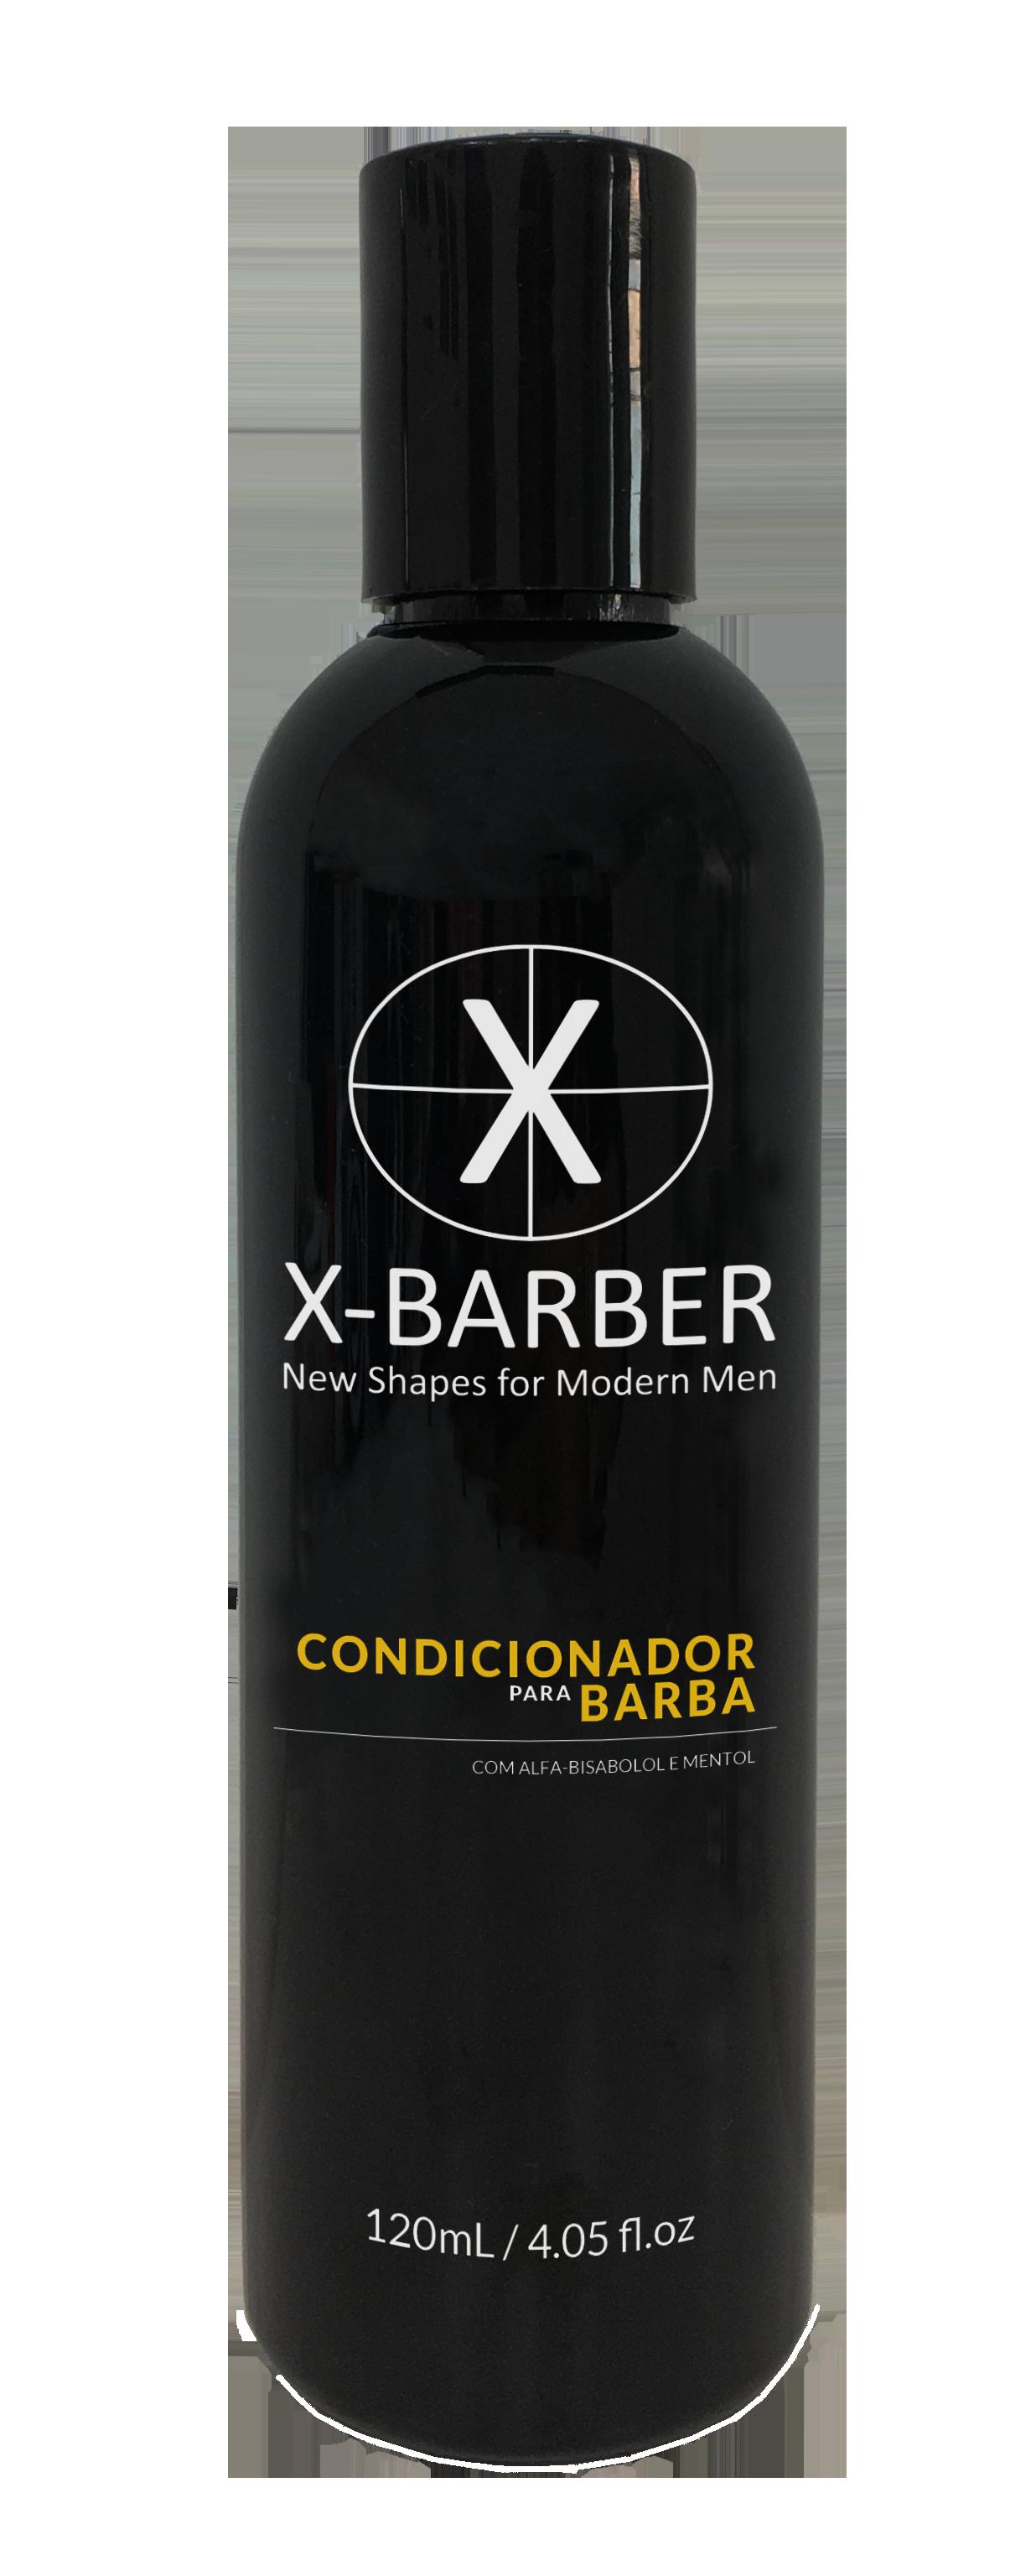 condicionador-barba